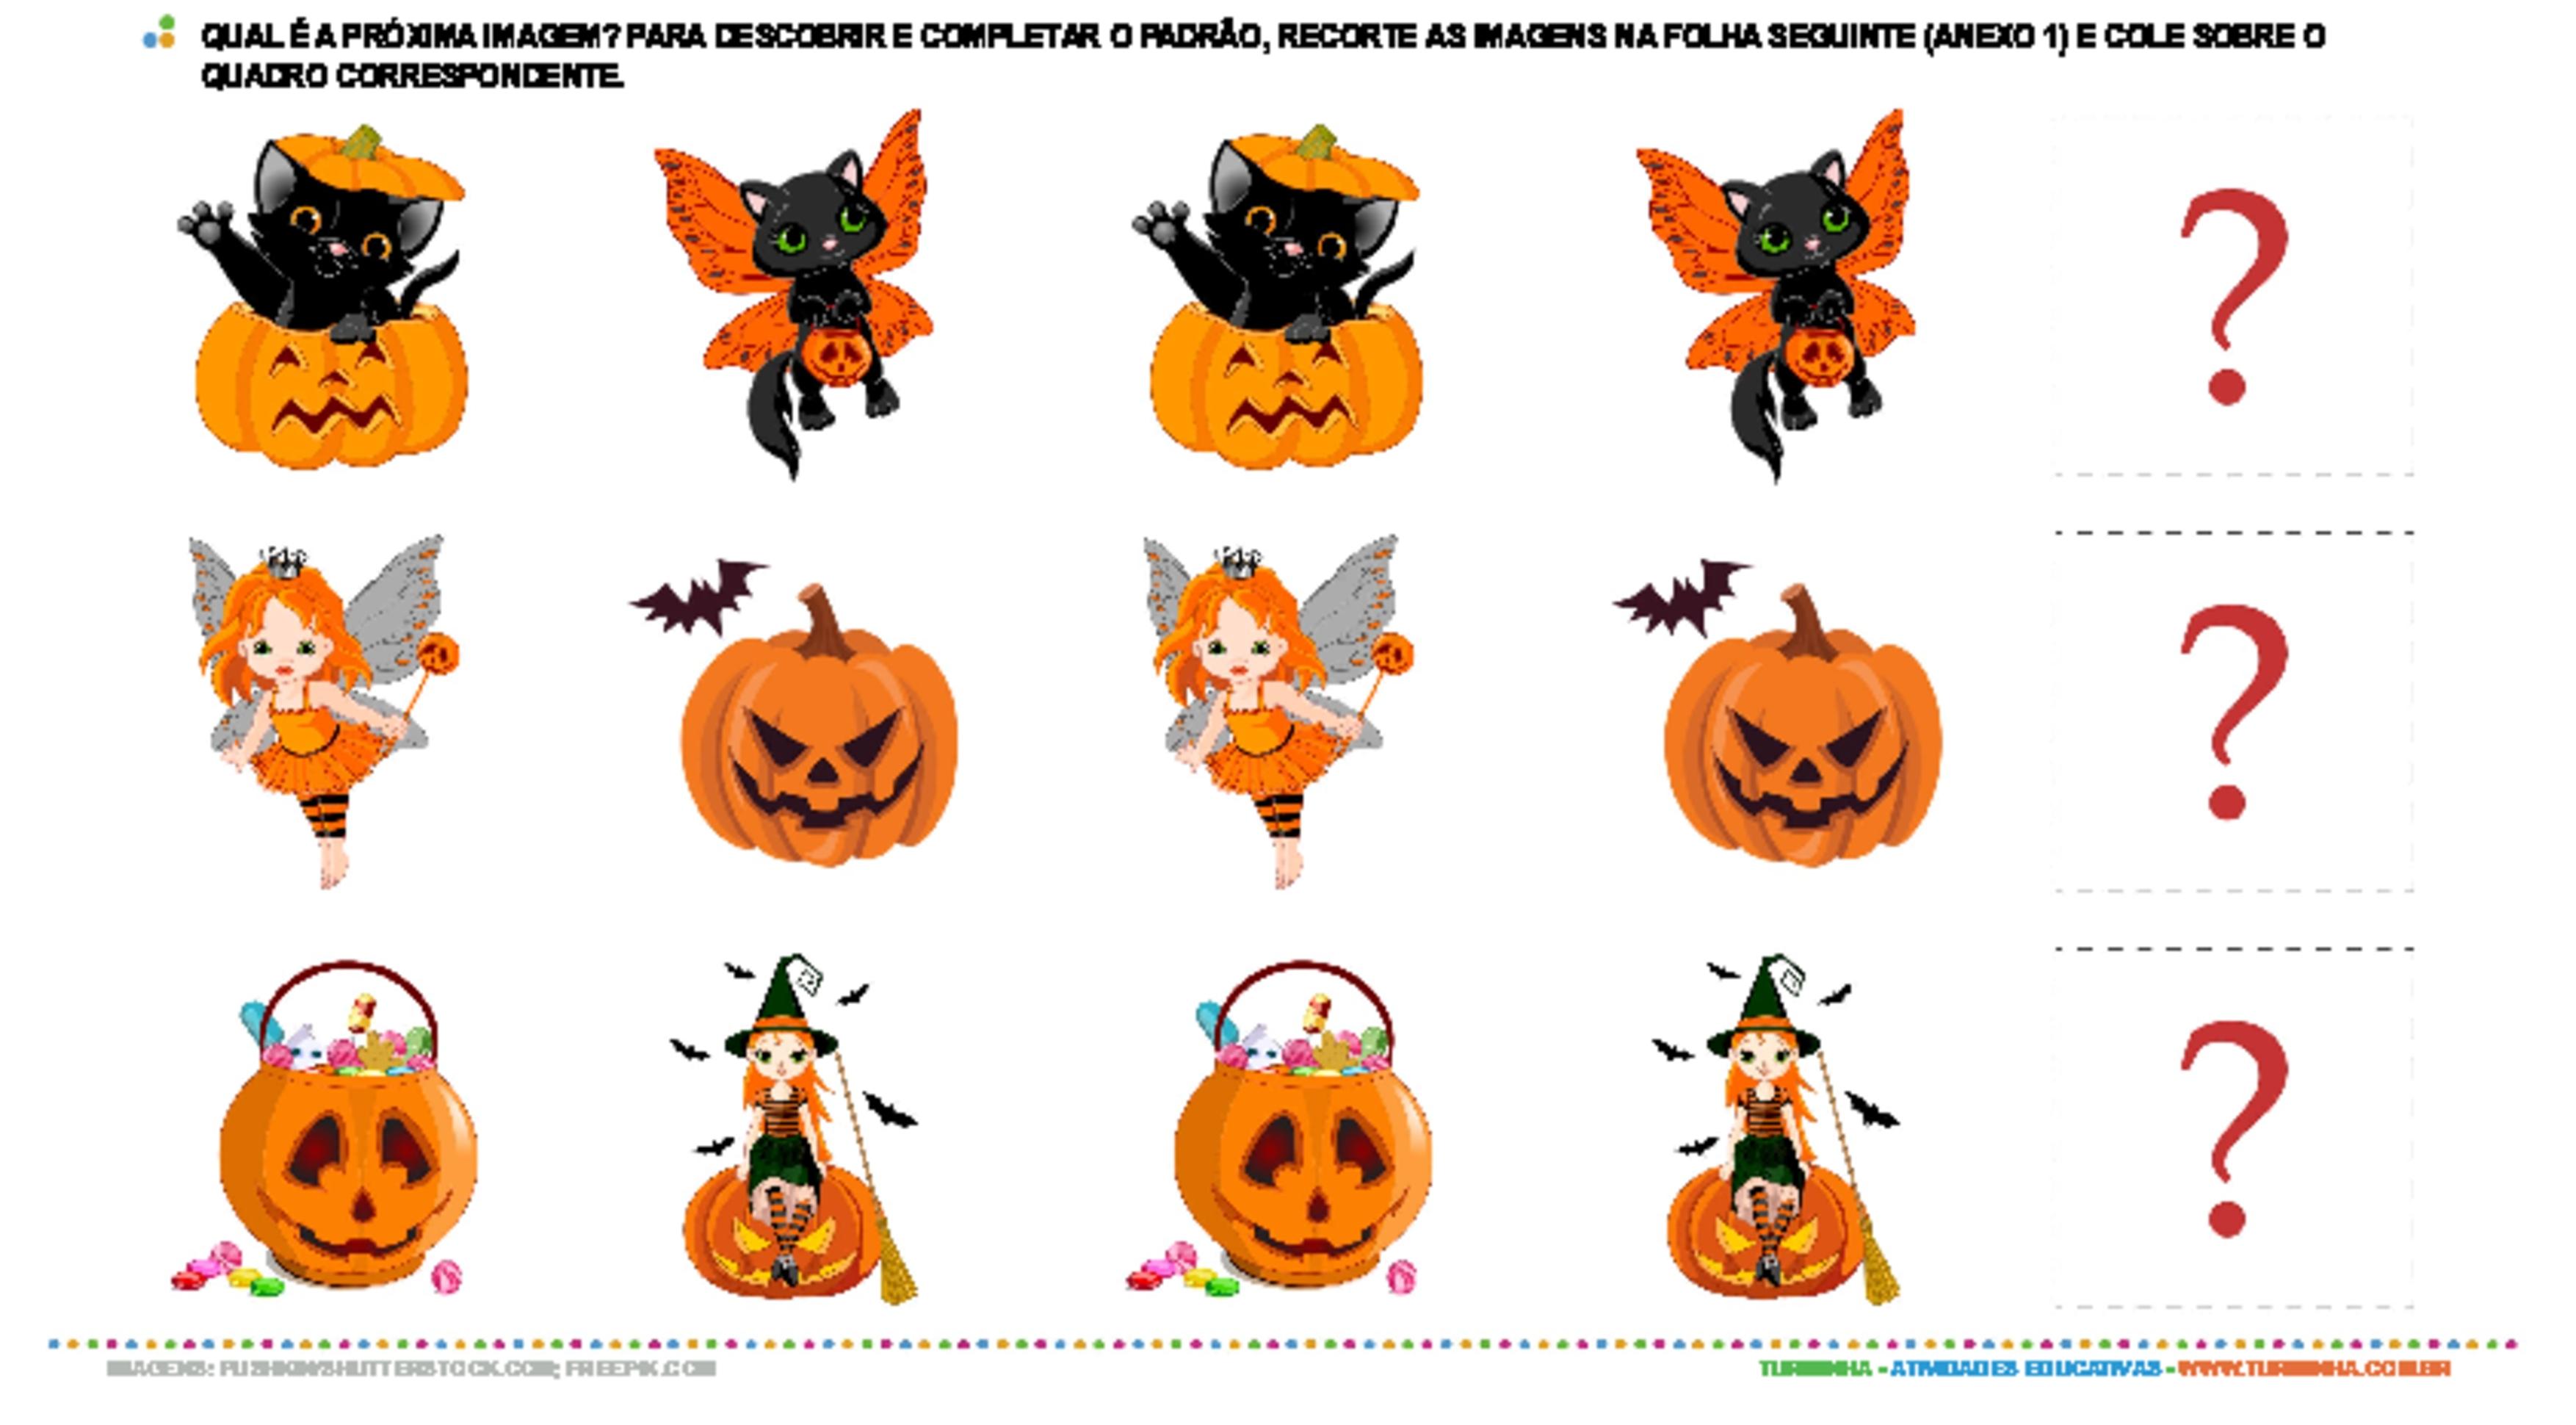 Complete a sequência - Dia das bruxas - atividade educativa para Pré-Escola (4 e 5 anos)